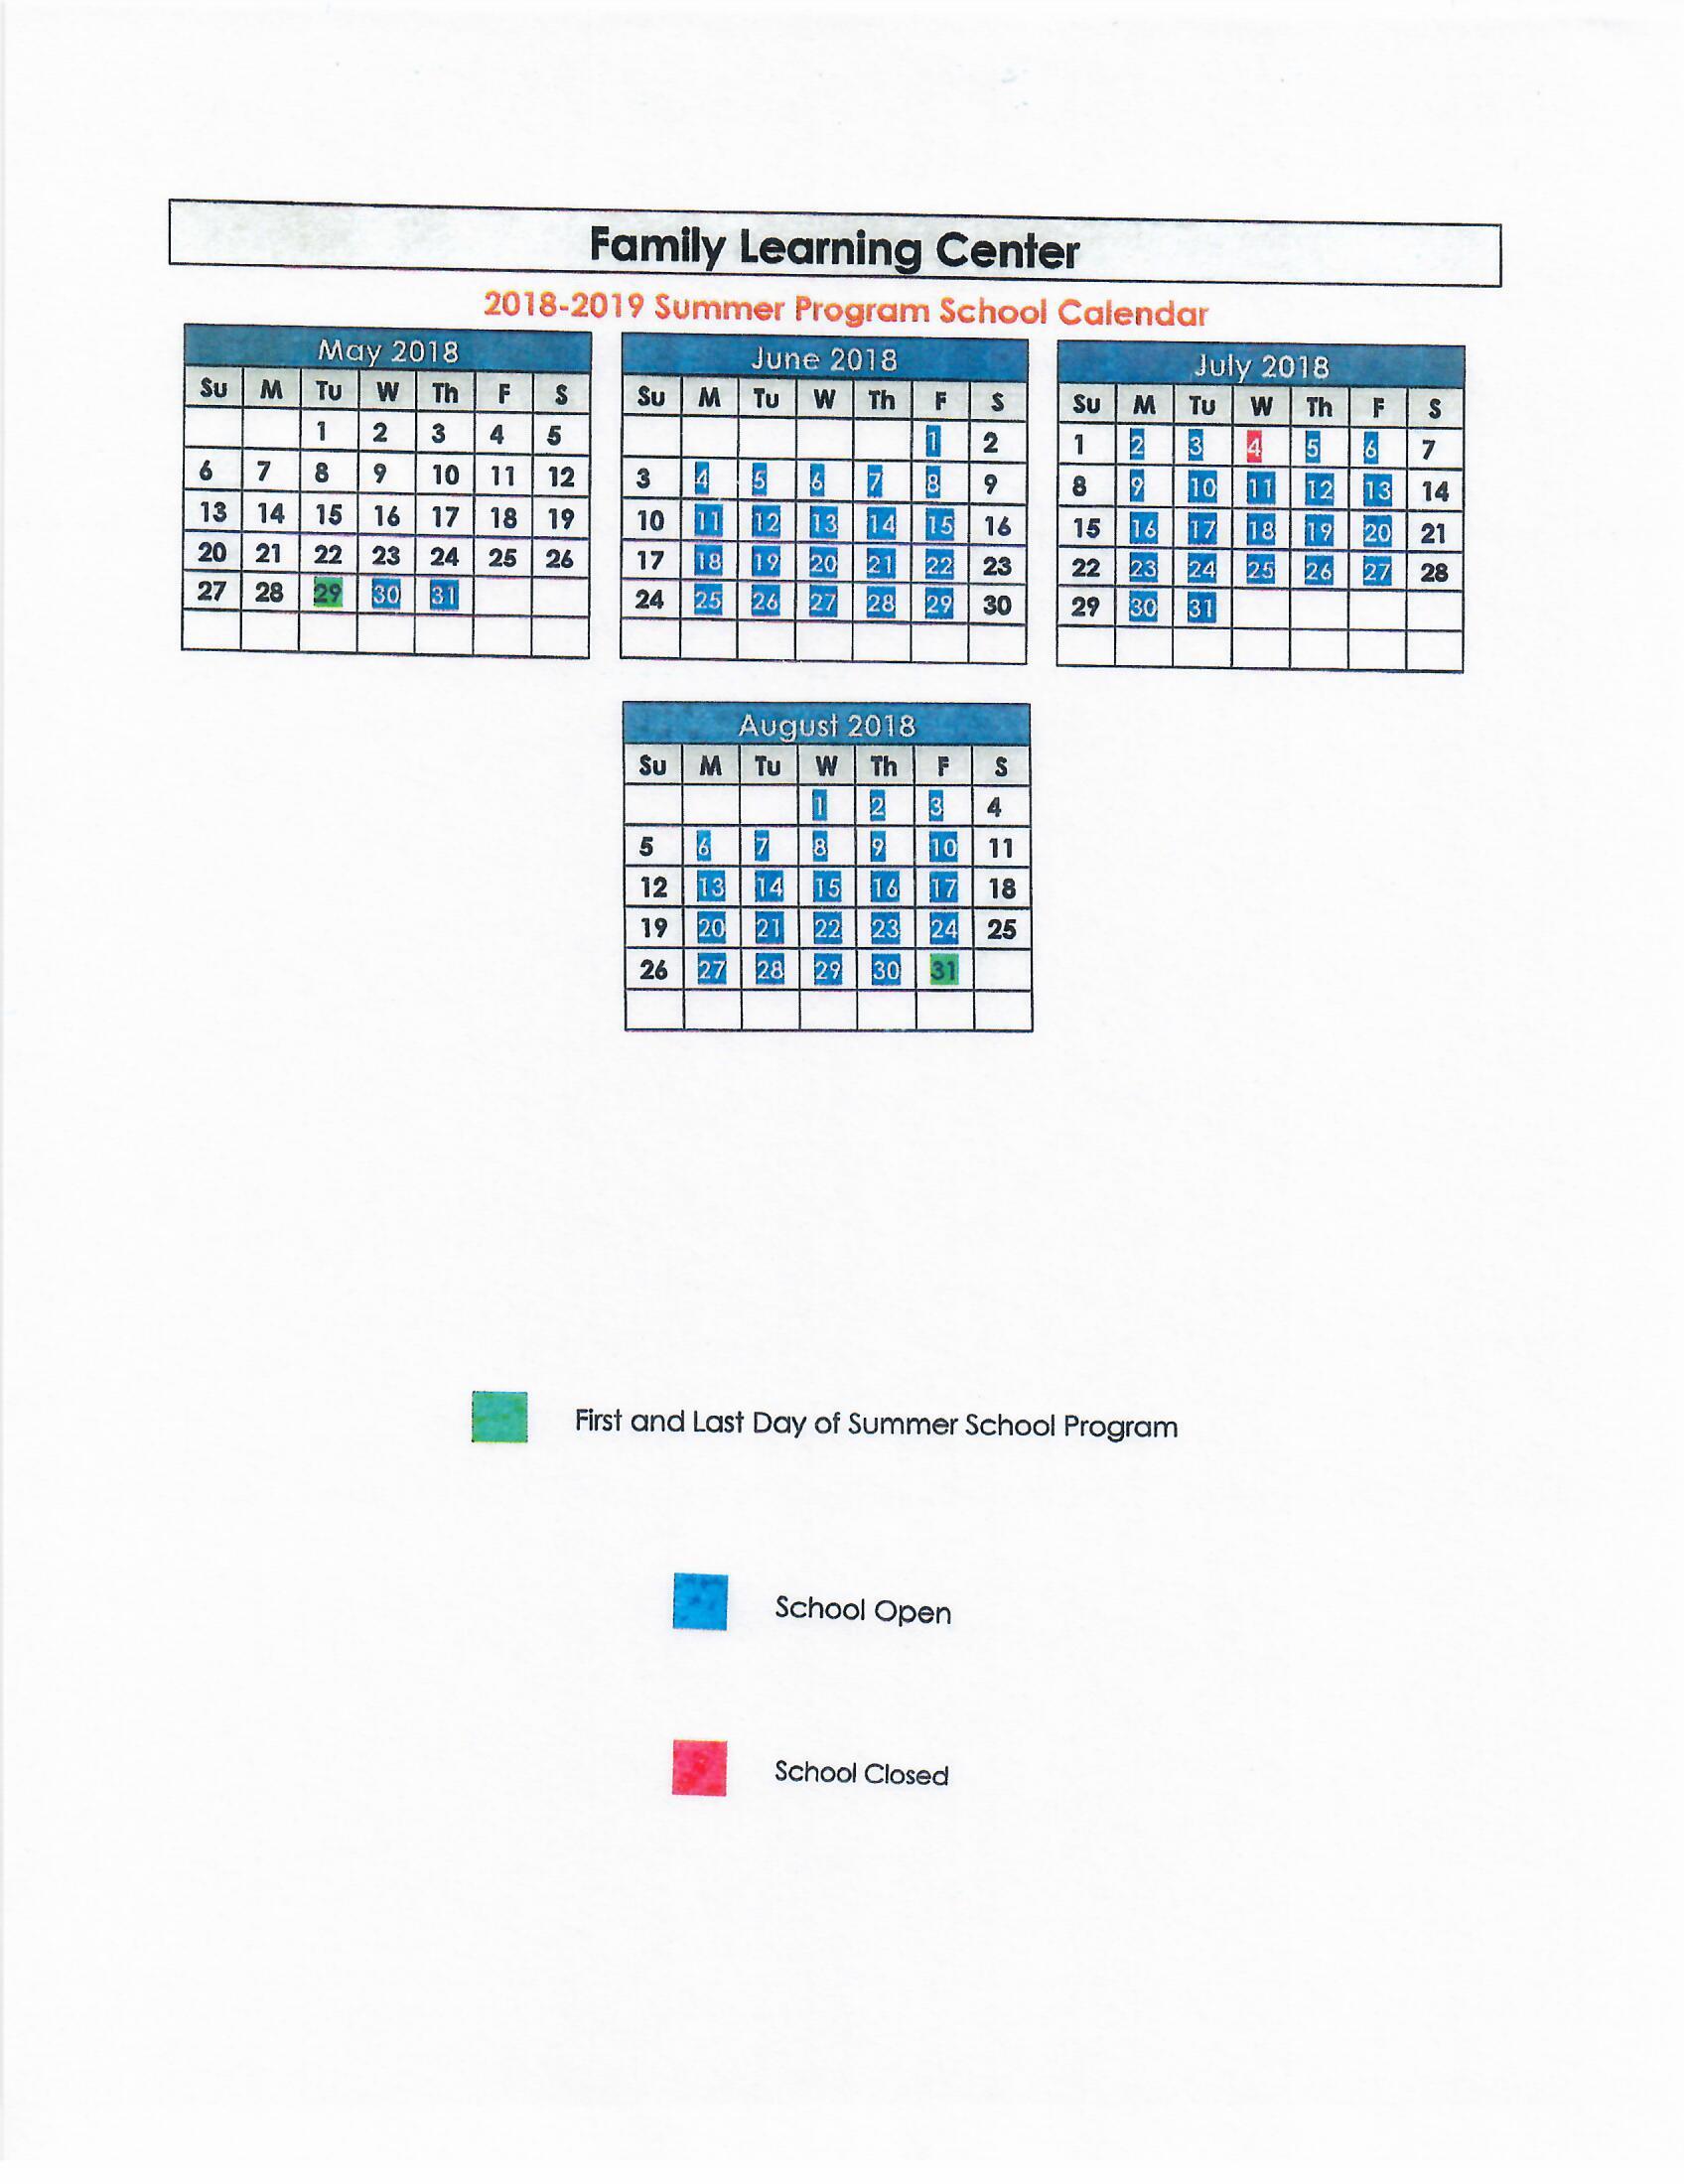 2018-2019 Summer Program School Calendar.jpg